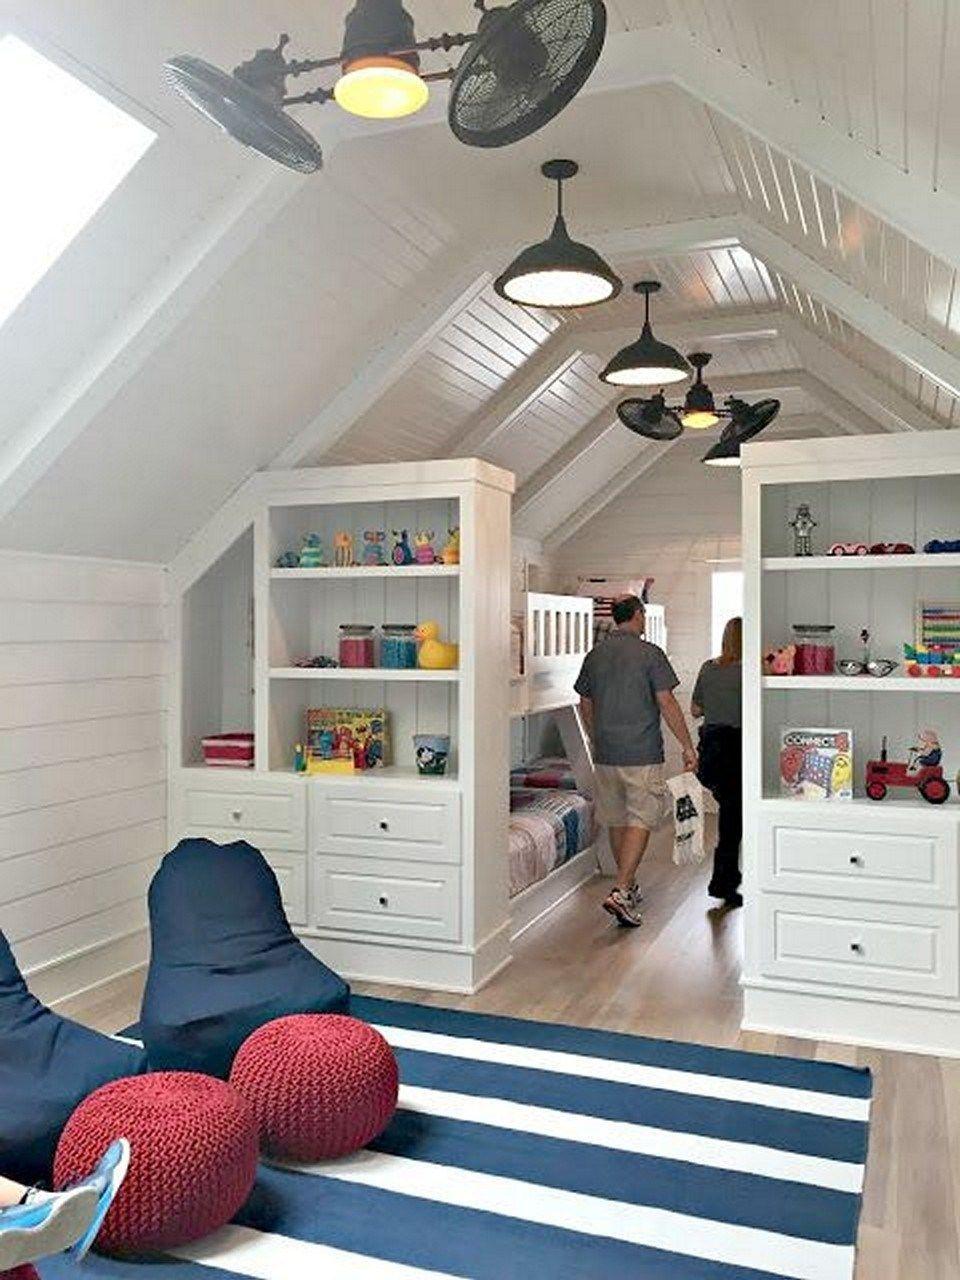 low ceiling attic bedroom ideas on 10 exquisite attic storage ideas attic bedroom designs remodel bedroom attic rooms attic bedroom designs